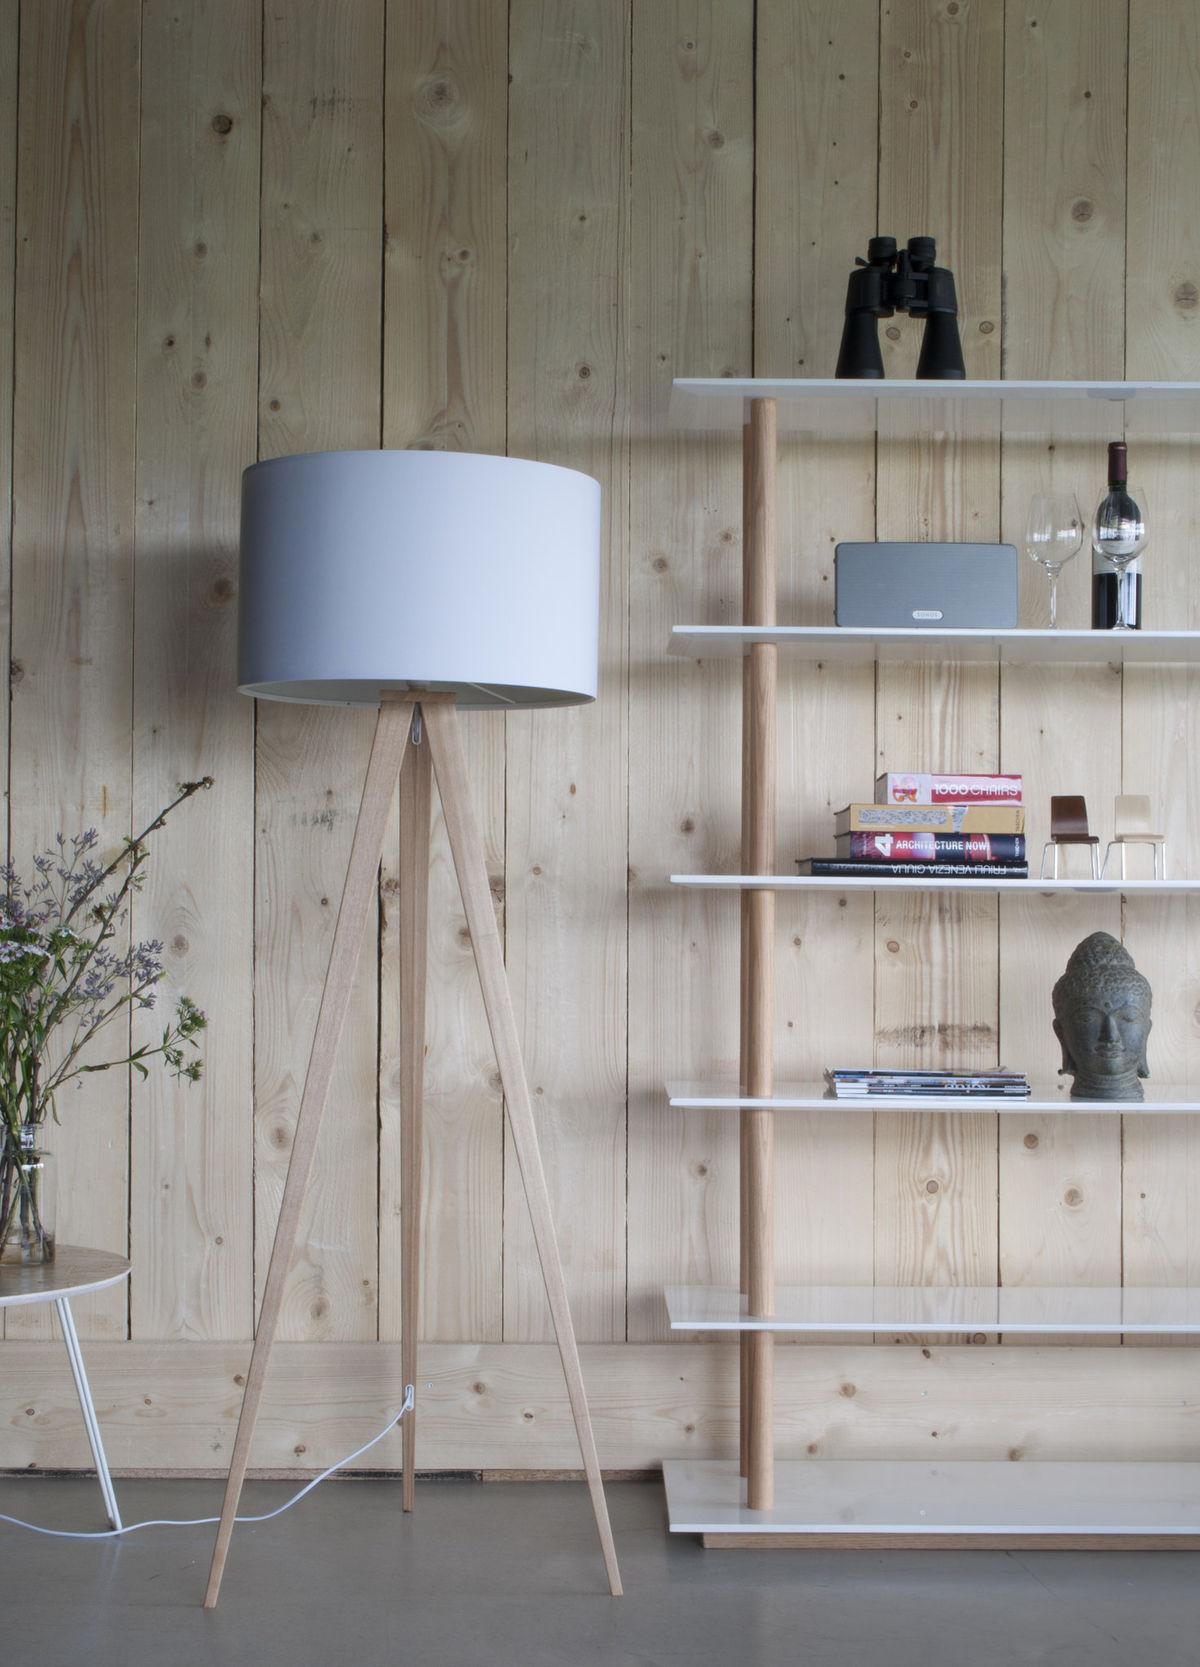 Bledomodrá v kombinácii s bledým drevom - na prvý pohľad chladnejšia kombinácia, na strane druhej jednoduchý dizajn a  striedme farby sú aktuálne trendy. Bonami.sk